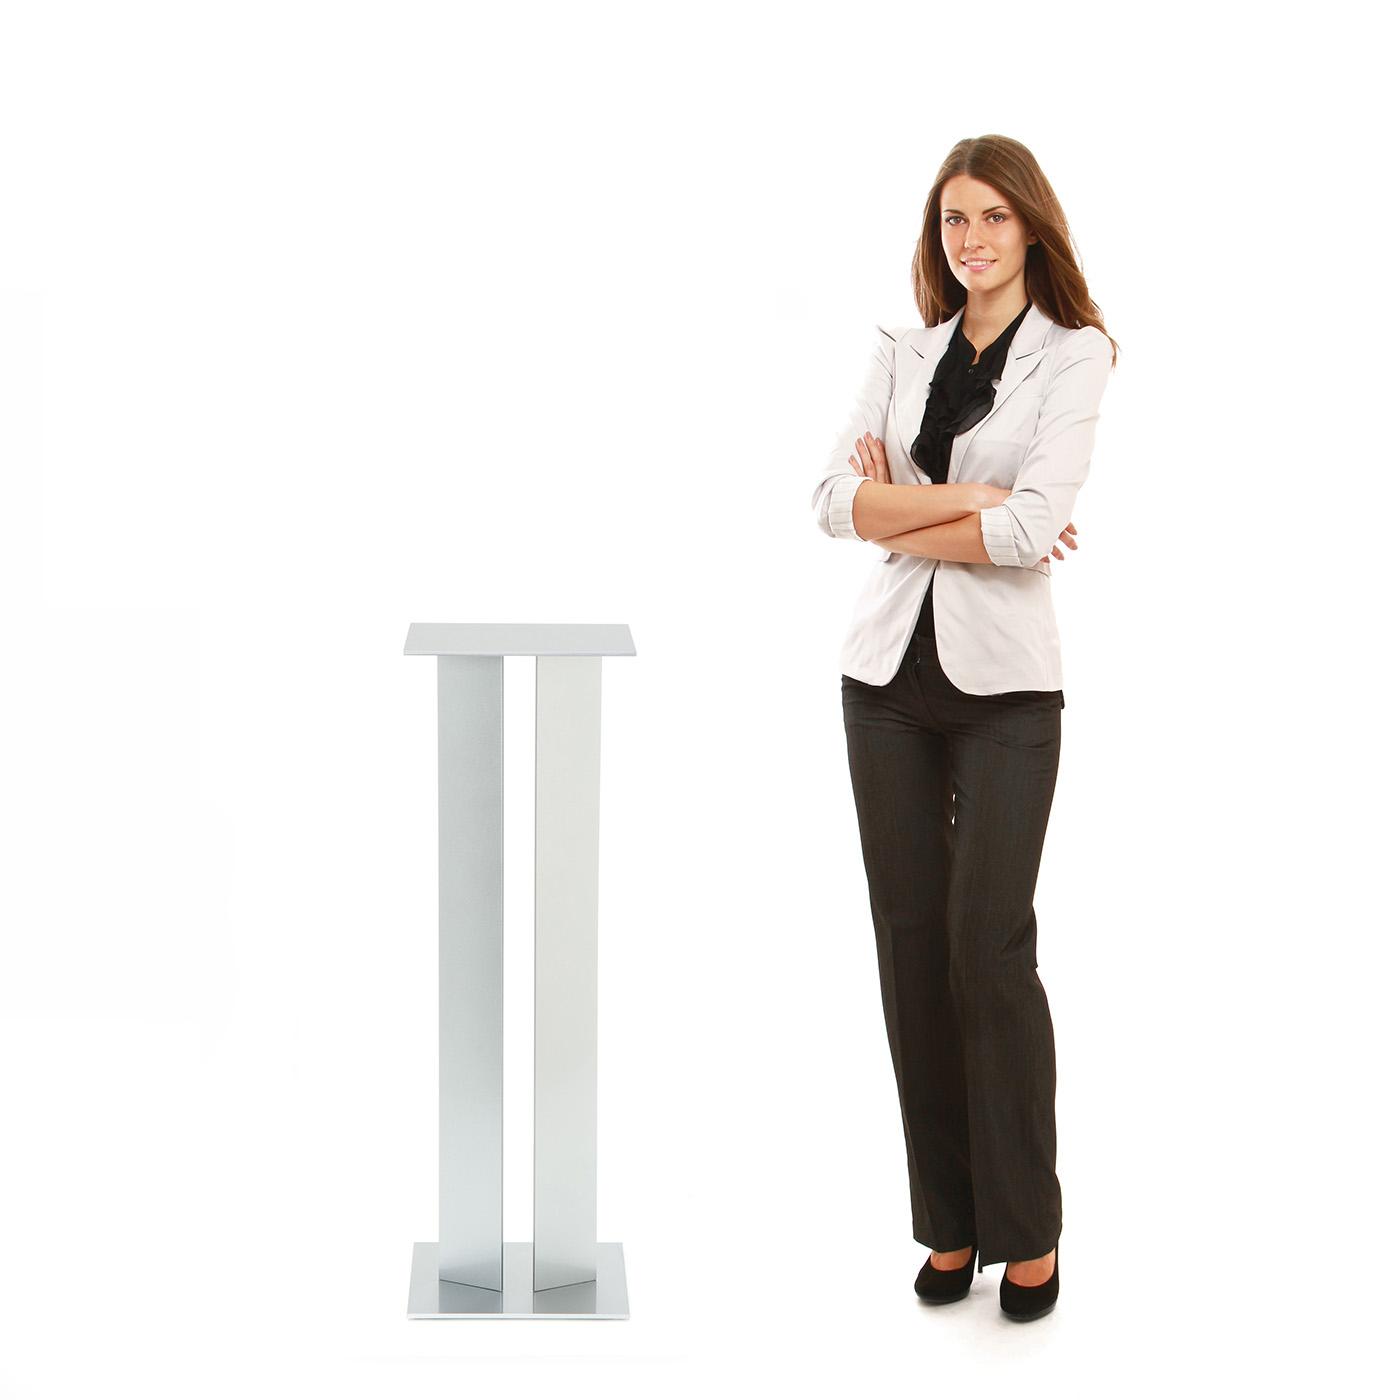 Urbann TA1 Side Table woman